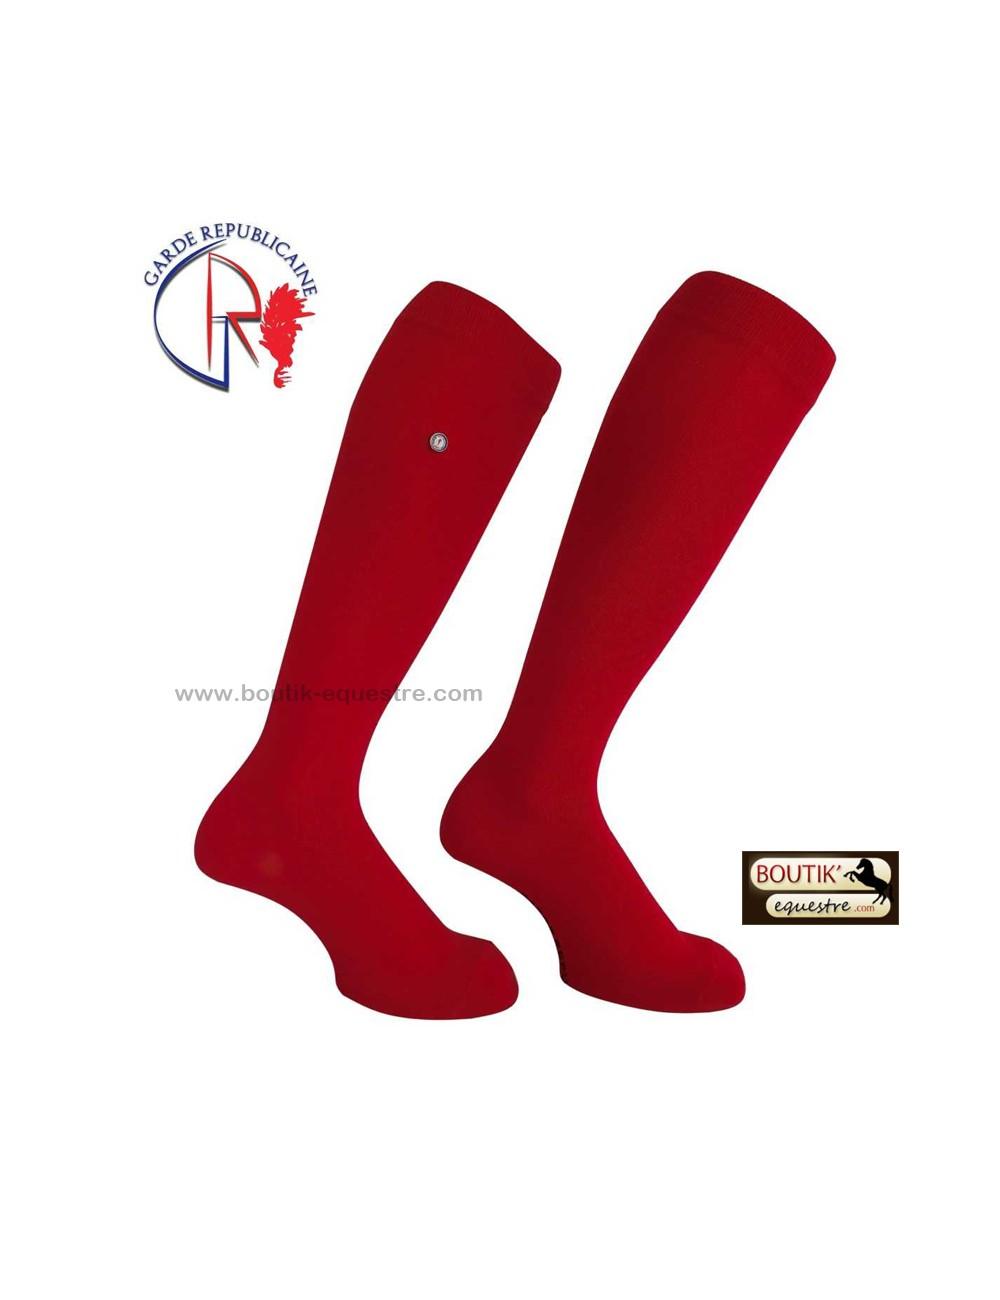 Chaussettes Garde Républicaine en Coton